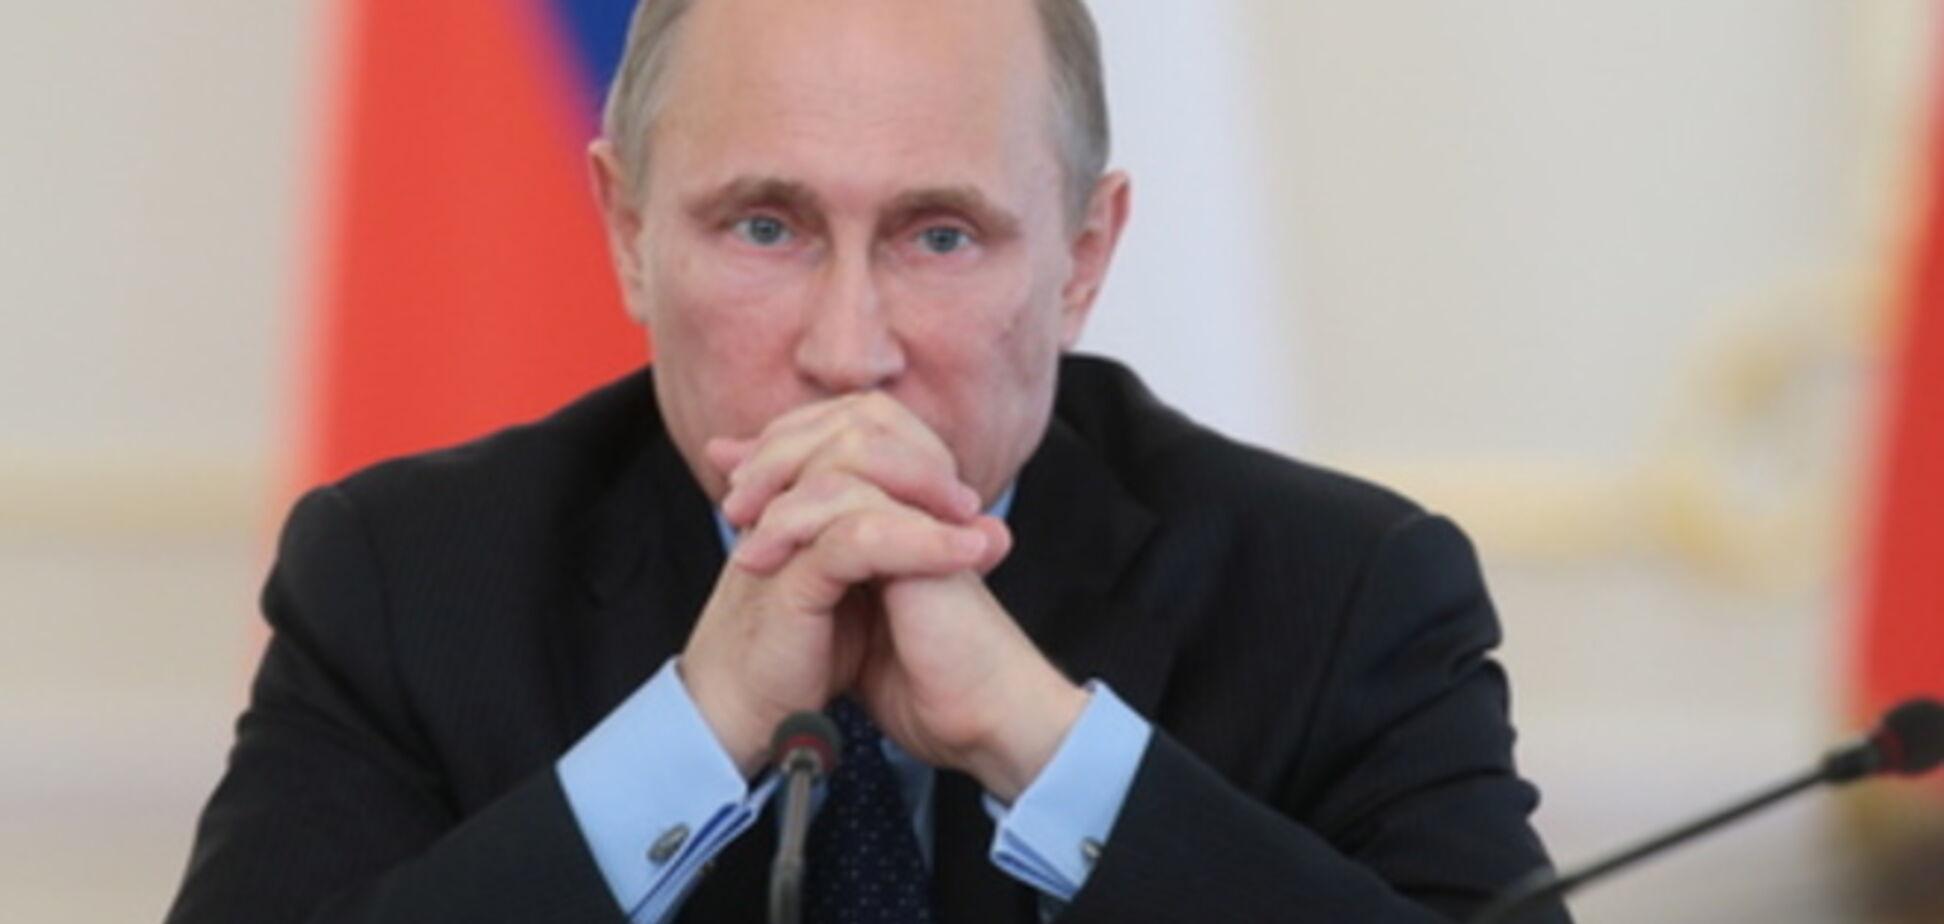 Путин увольняет высших офицеров ВВС из-за сбитого 'Boeing'